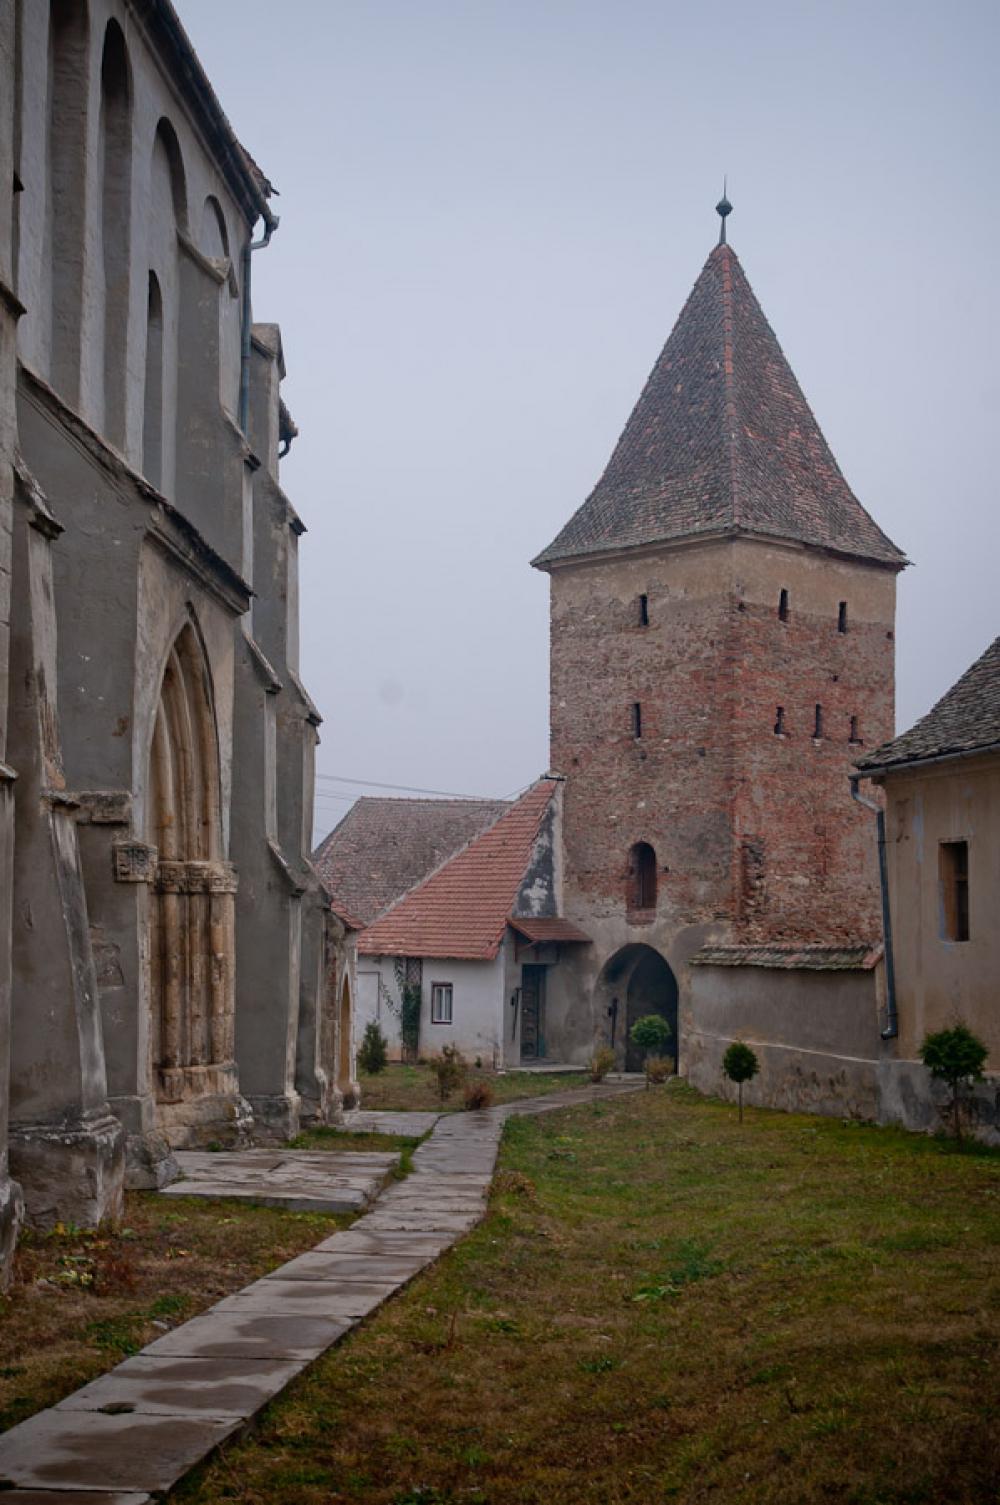 Die Geschichte der Wehrkirche von Bogeschdorf, mit Stein aus dem Cibin Berge gebaut